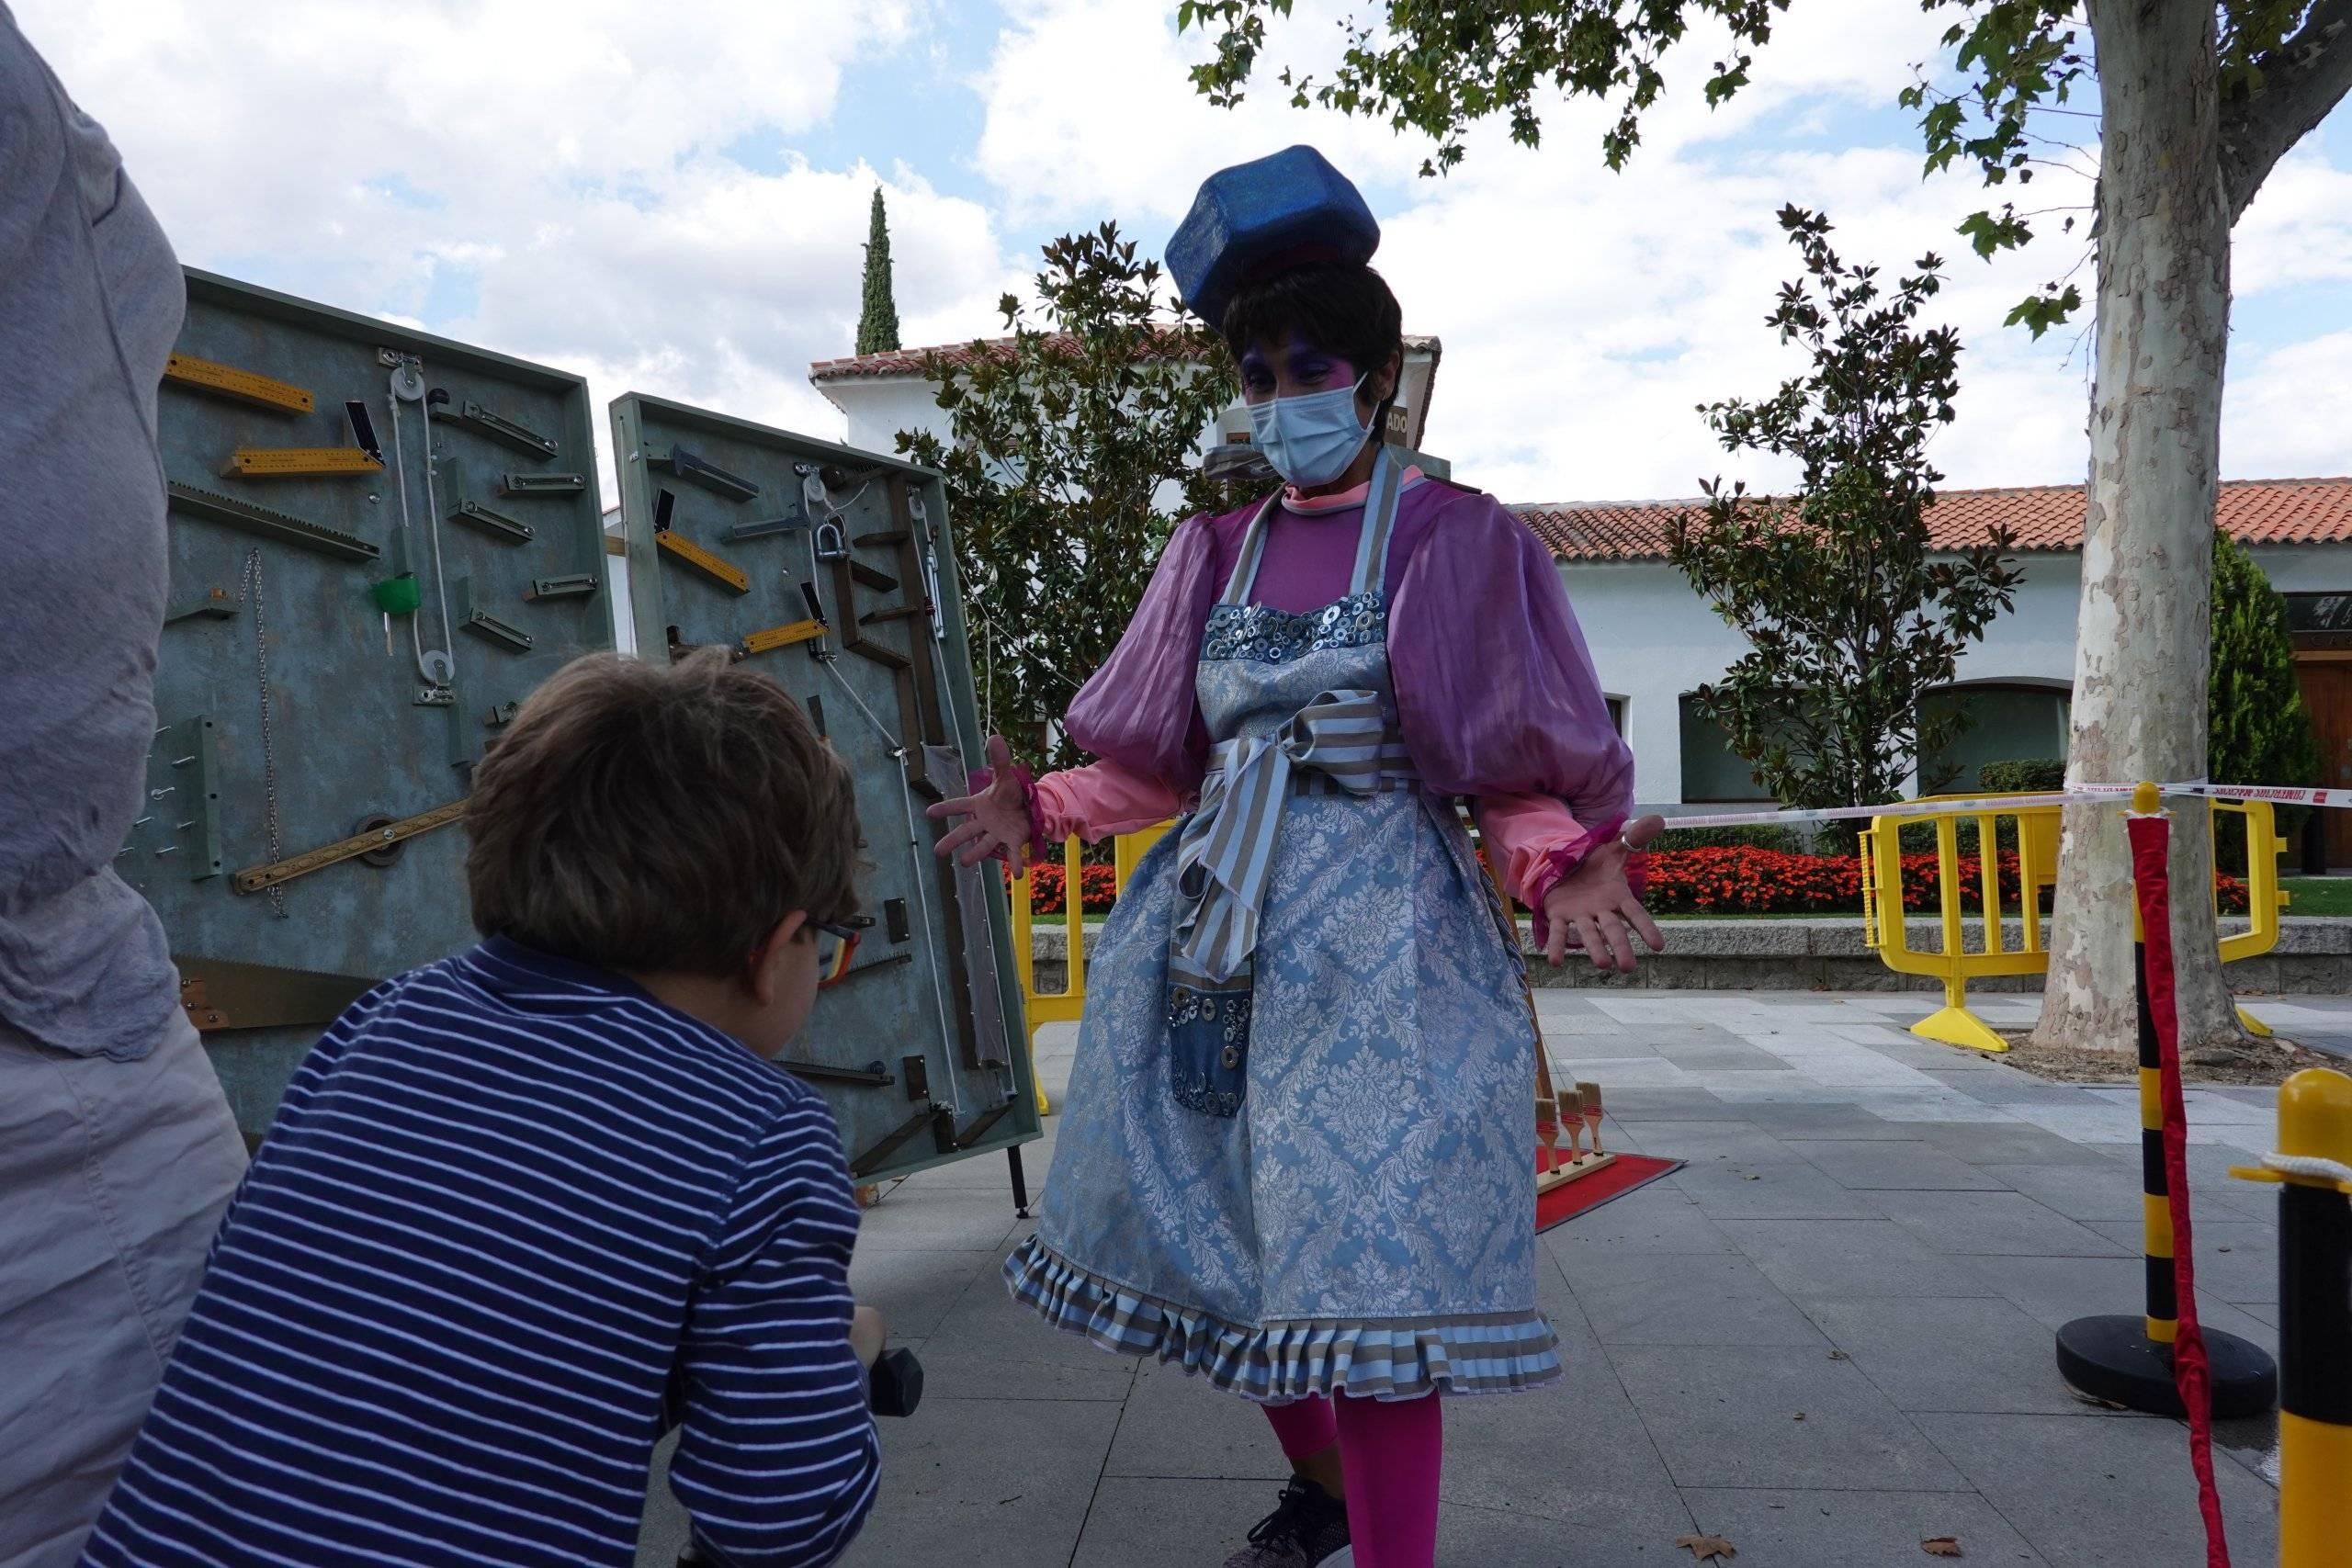 Niño participando en uno de los juegos organizados junto a la animadora.